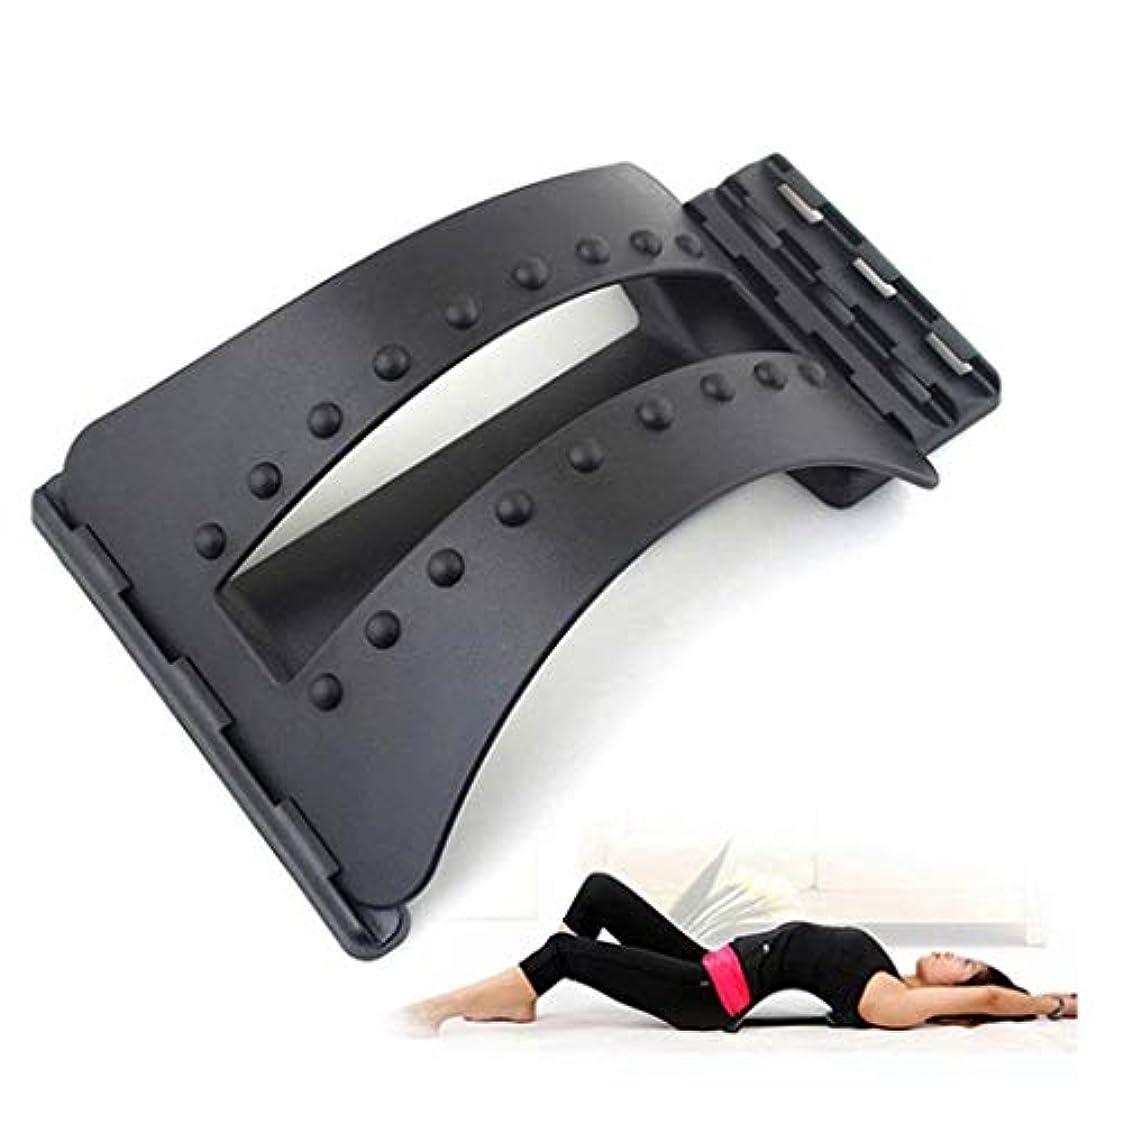 上流の滴下ほとんどないバックマッサージ、マジックバックサポートとストレッチストレッチャーマジックストレッチャーバックストレッチャー腰椎サポートデバイスリラクゼーションパートナー脊椎の痛みを軽減する脊椎マッサージ療法